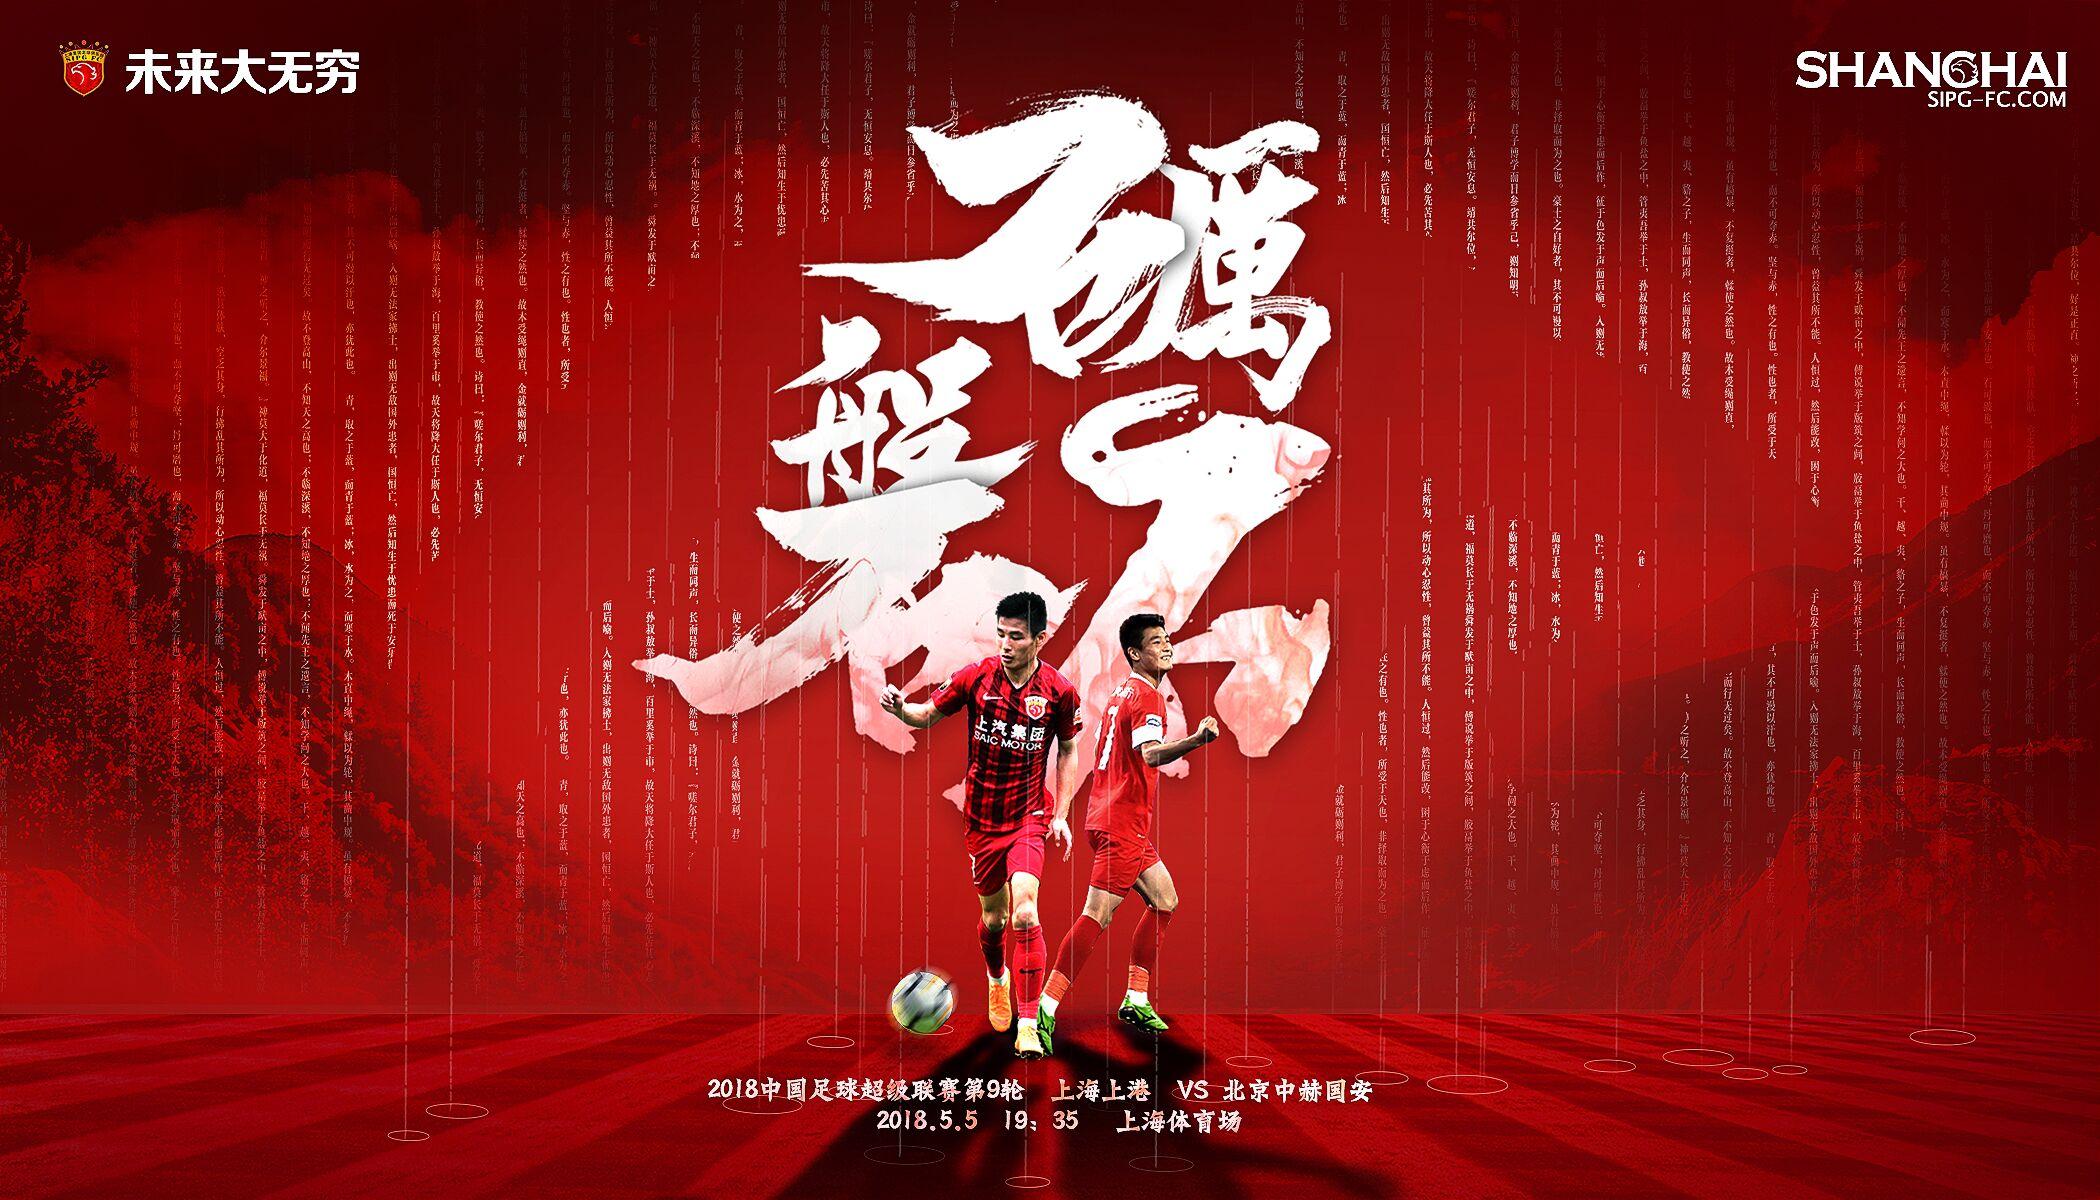 上海上港发布主场战北京国安海报:砺-磐石